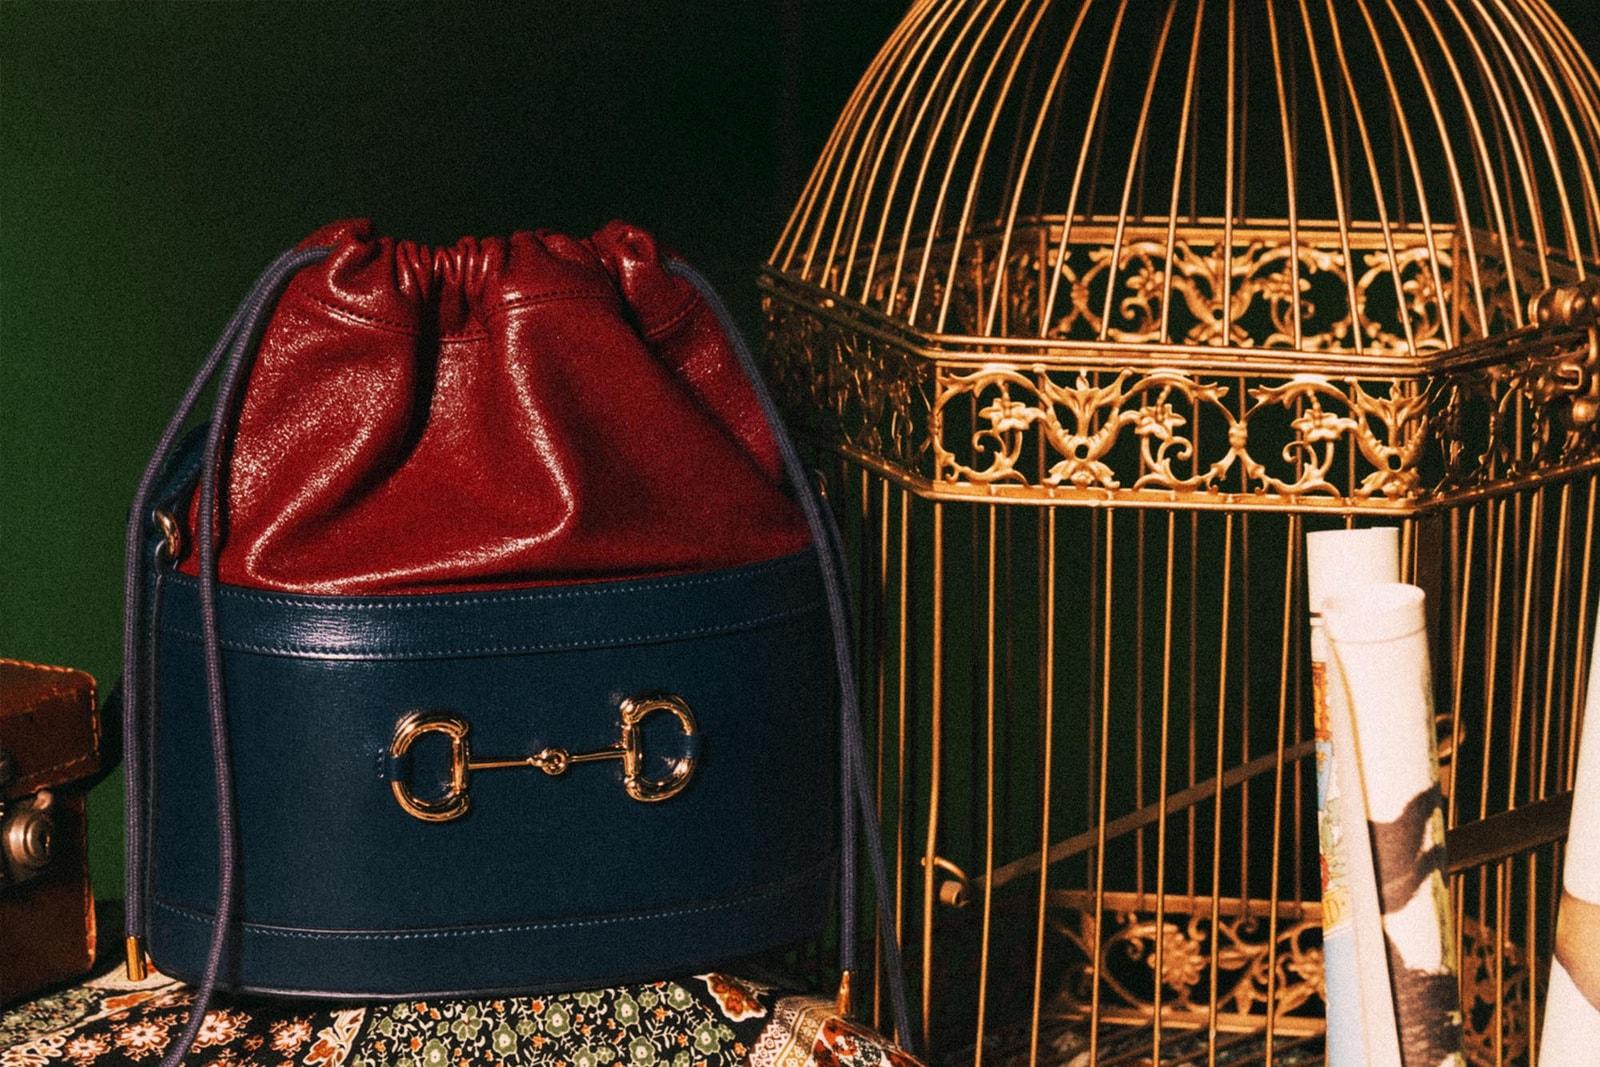 藏櫃中的神秘奇蹟  Gucci 捎來古羅馬藝術品級的禮物